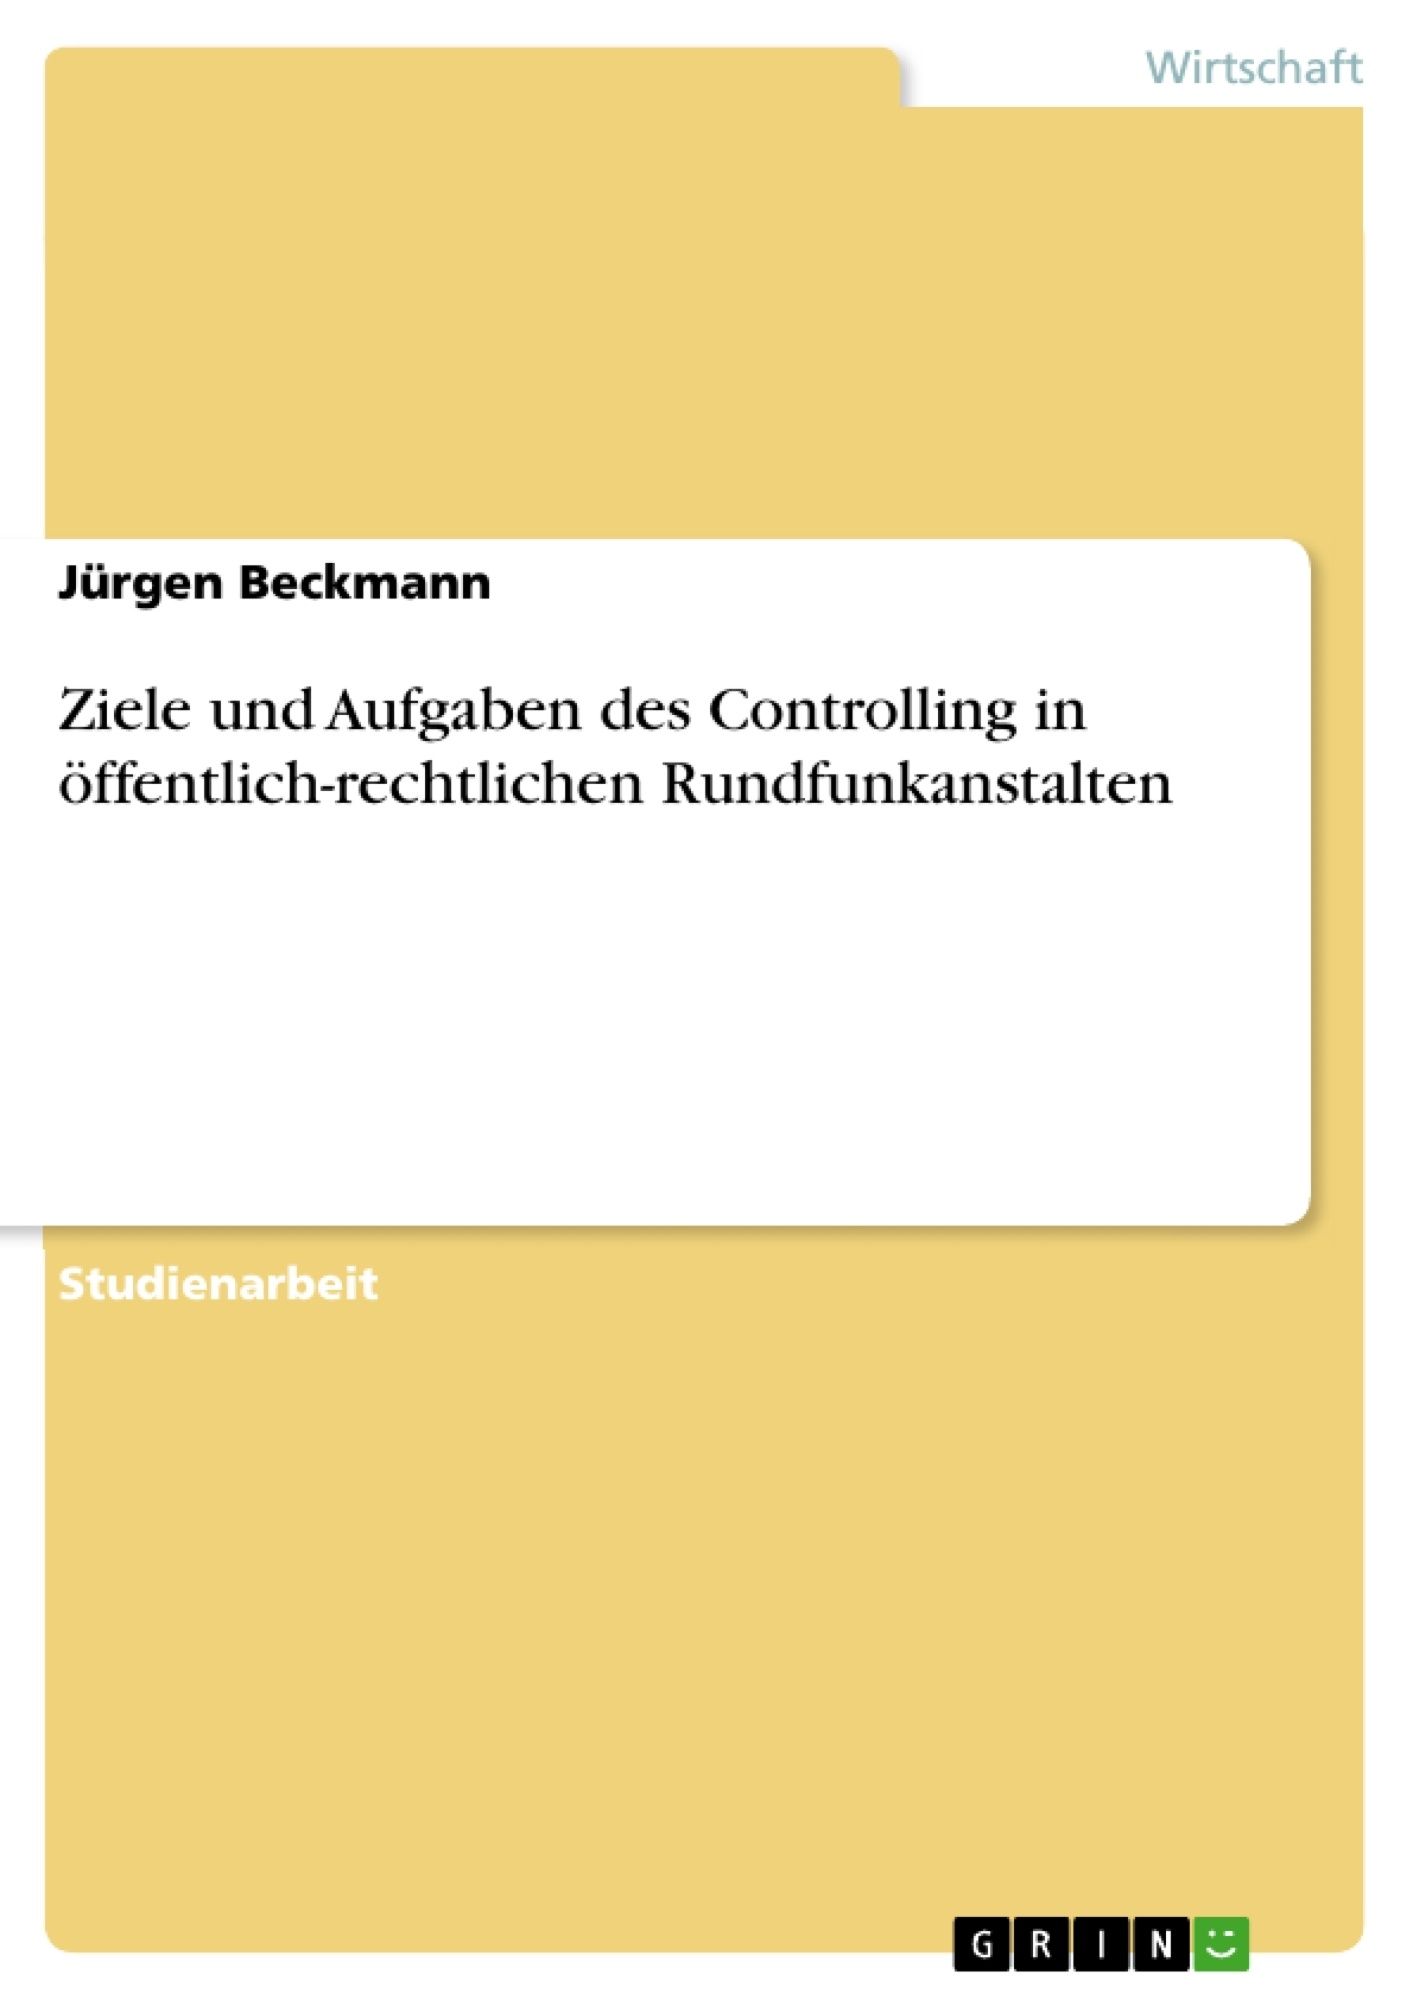 Titel: Ziele und Aufgaben des Controlling in öffentlich-rechtlichen Rundfunkanstalten